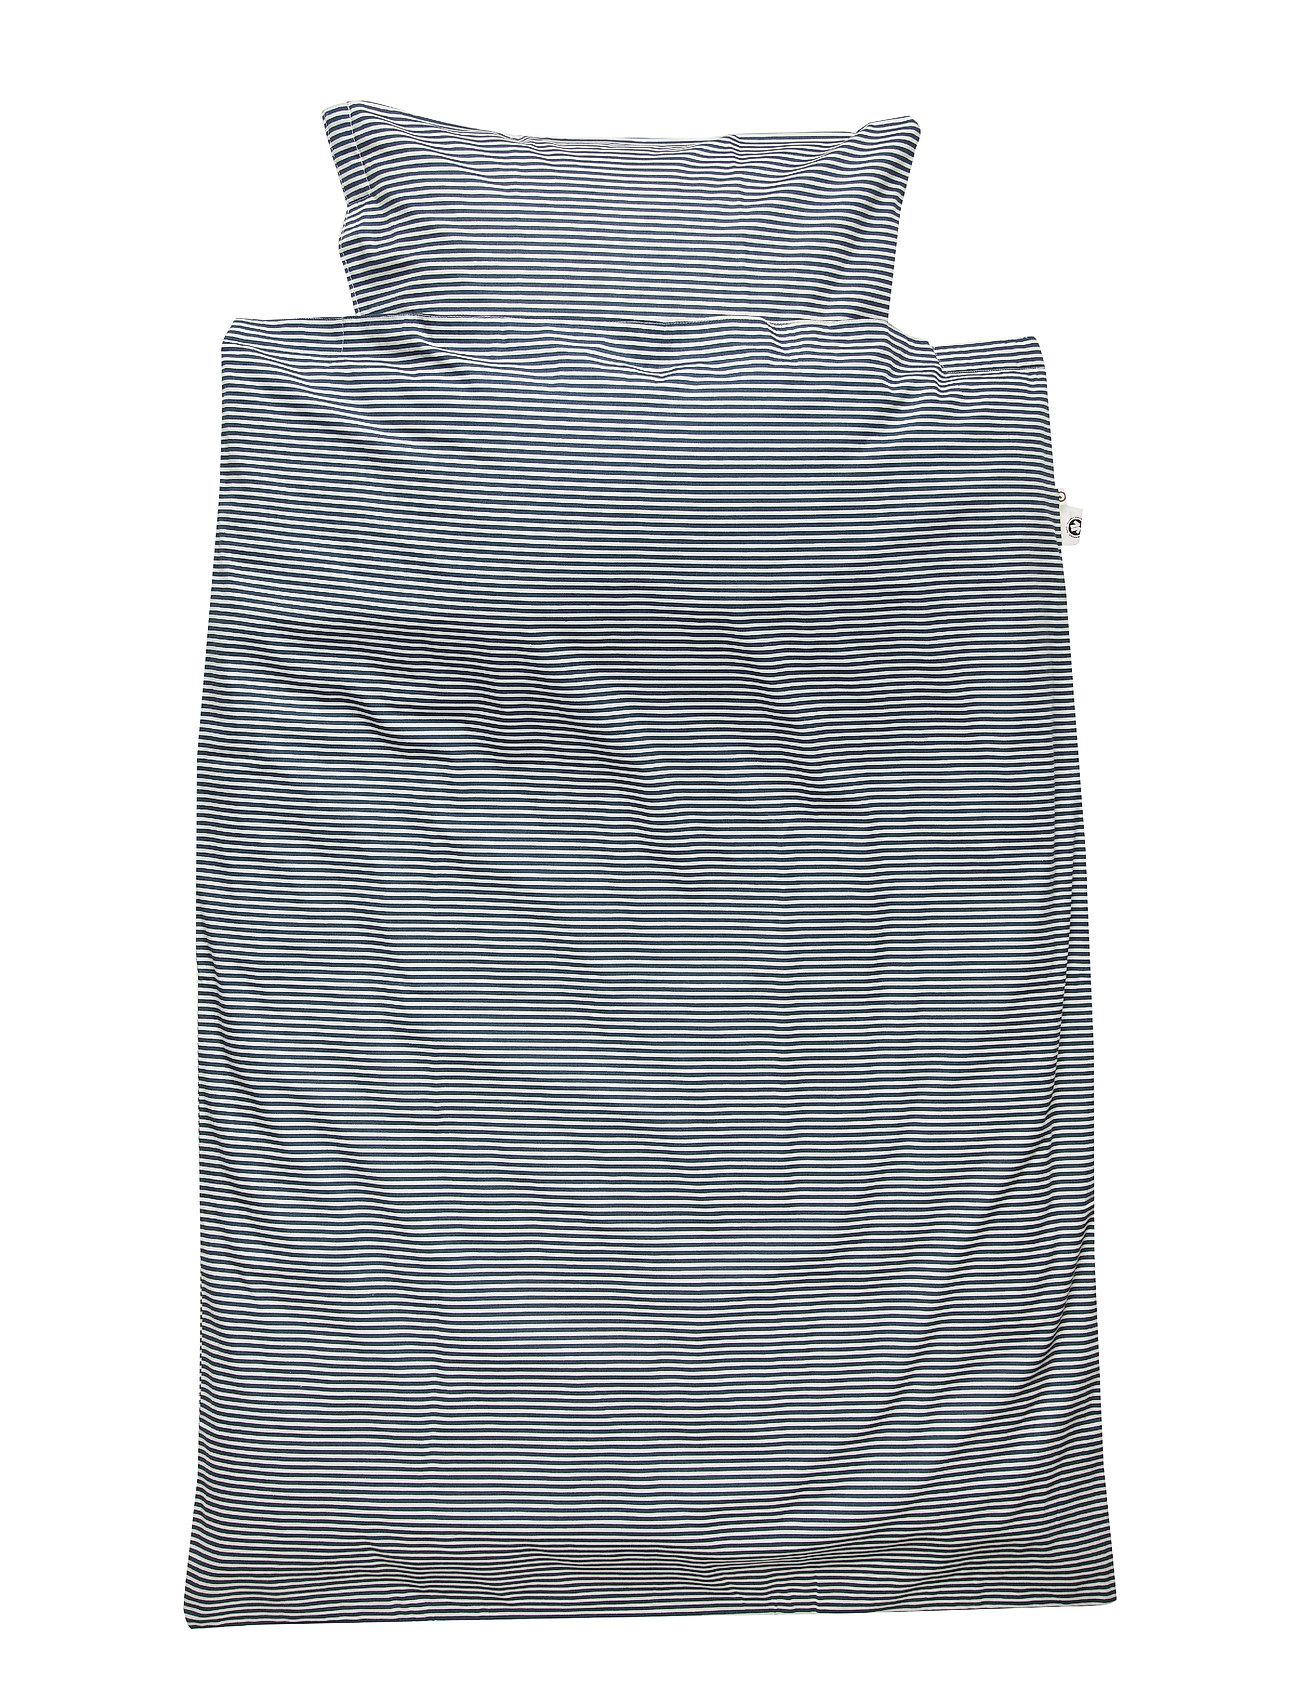 Bed By BabymidnightMüsli Linen Cotton Stripe Green 0wk8PnOX